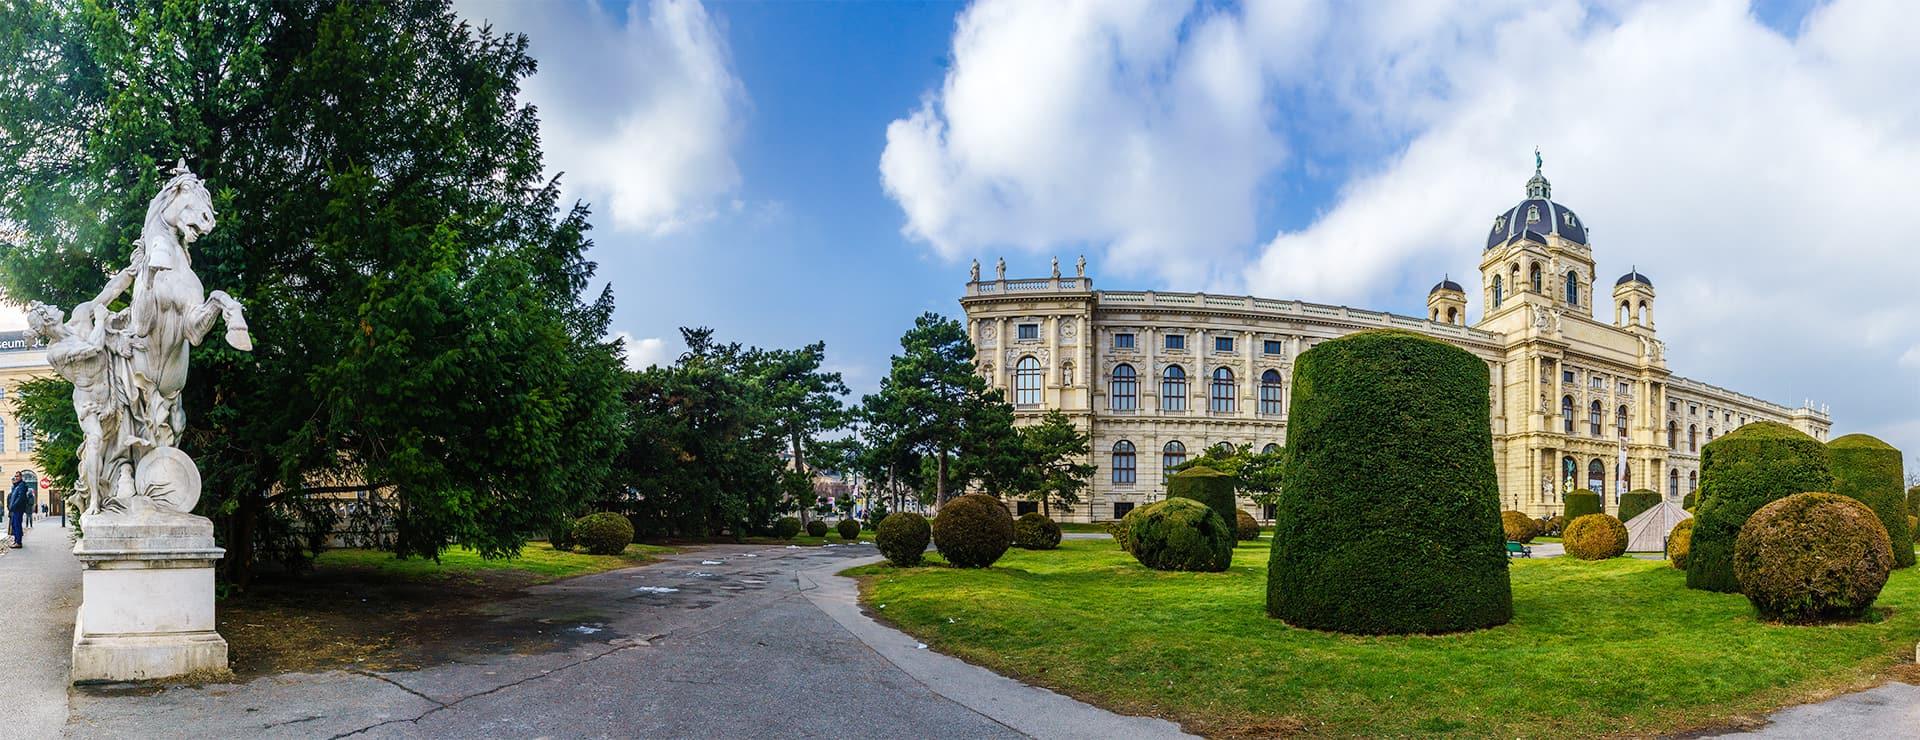 wien-naturhistorisches-museum-panorama